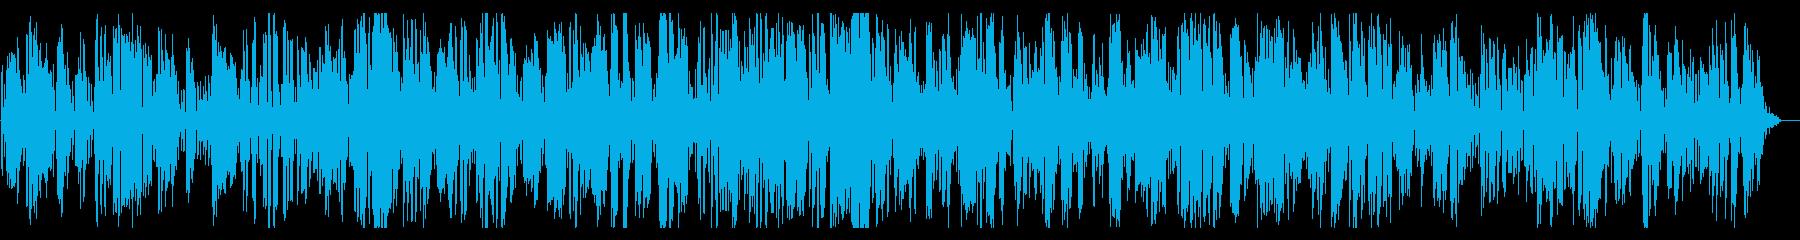 お洒落なクラリネットとジャズピアノ音源の再生済みの波形